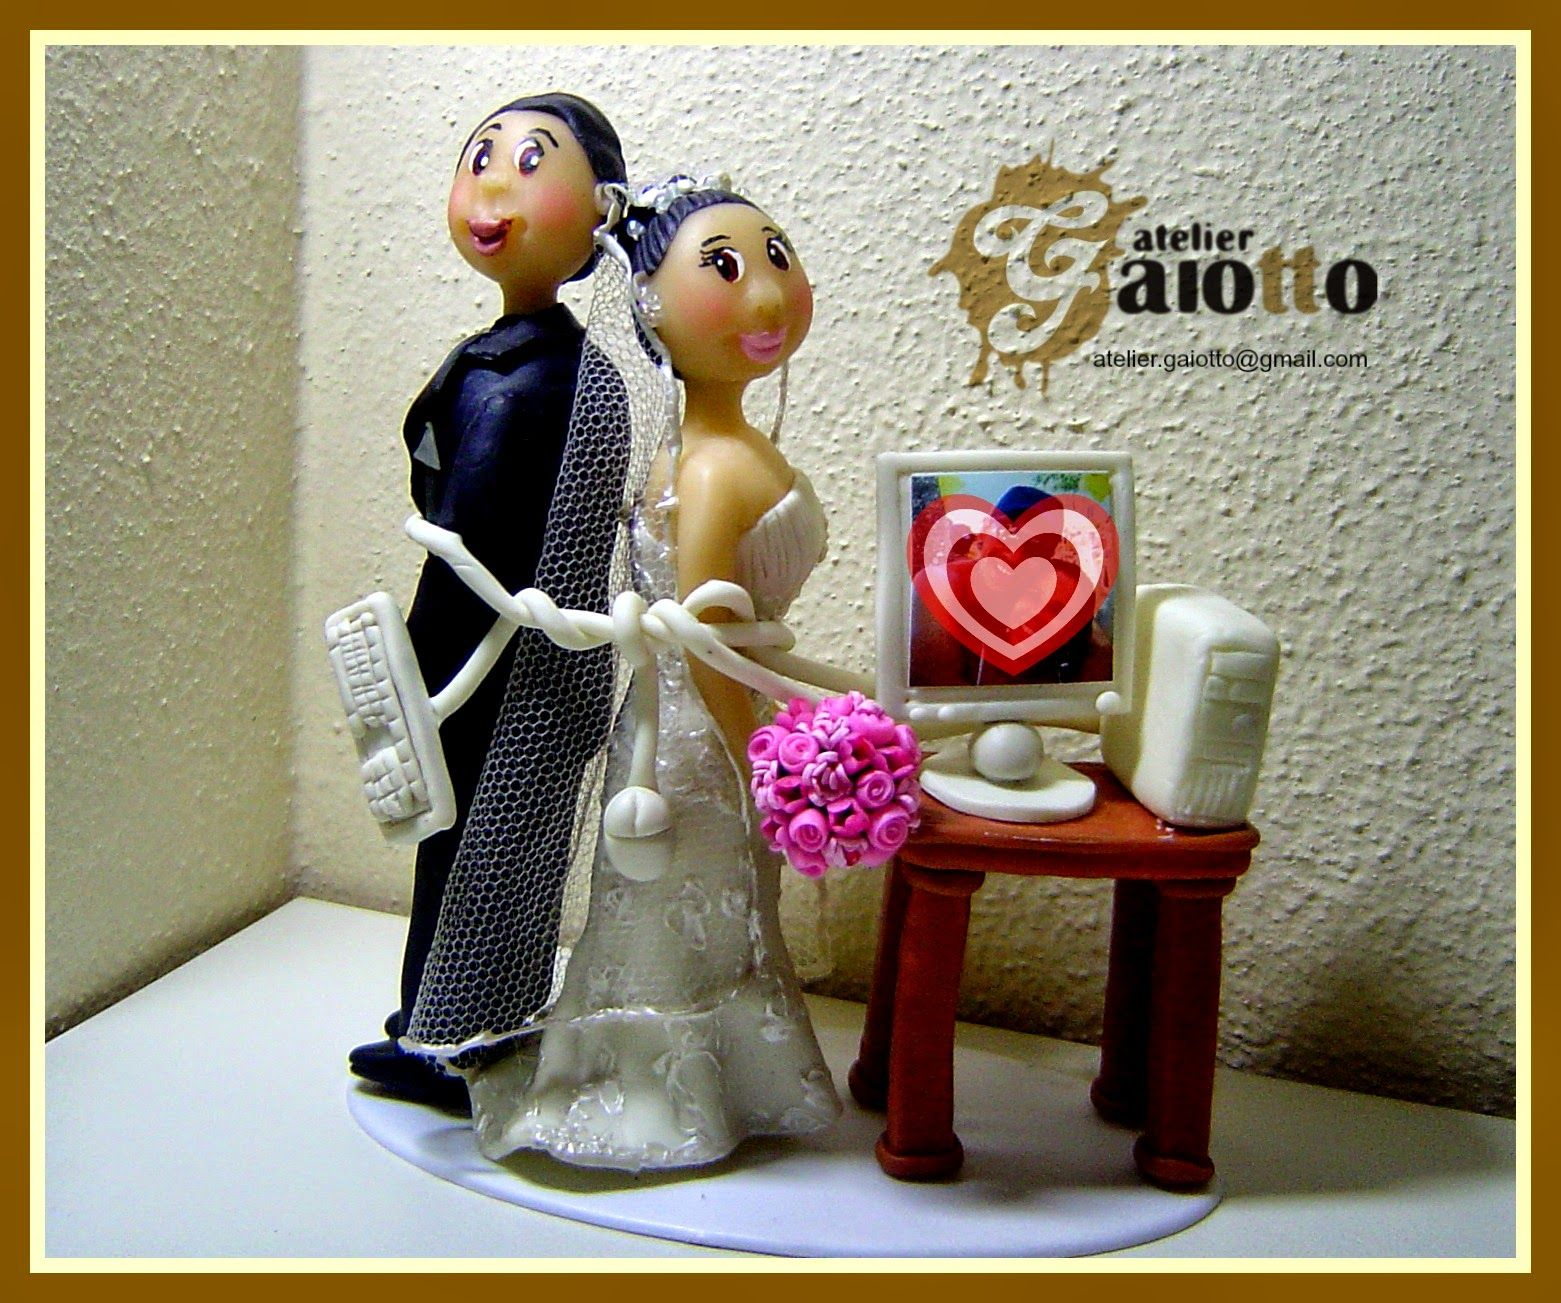 Atelier Gaiotto: Site de namoro evangélico tem Pastor que tira dúvidas de relacionamento http://agaiotto.blogspot.com.br/2014/12/site-de-namoro-evangelico-tem-pastor.html#.VImTbdLF_kU